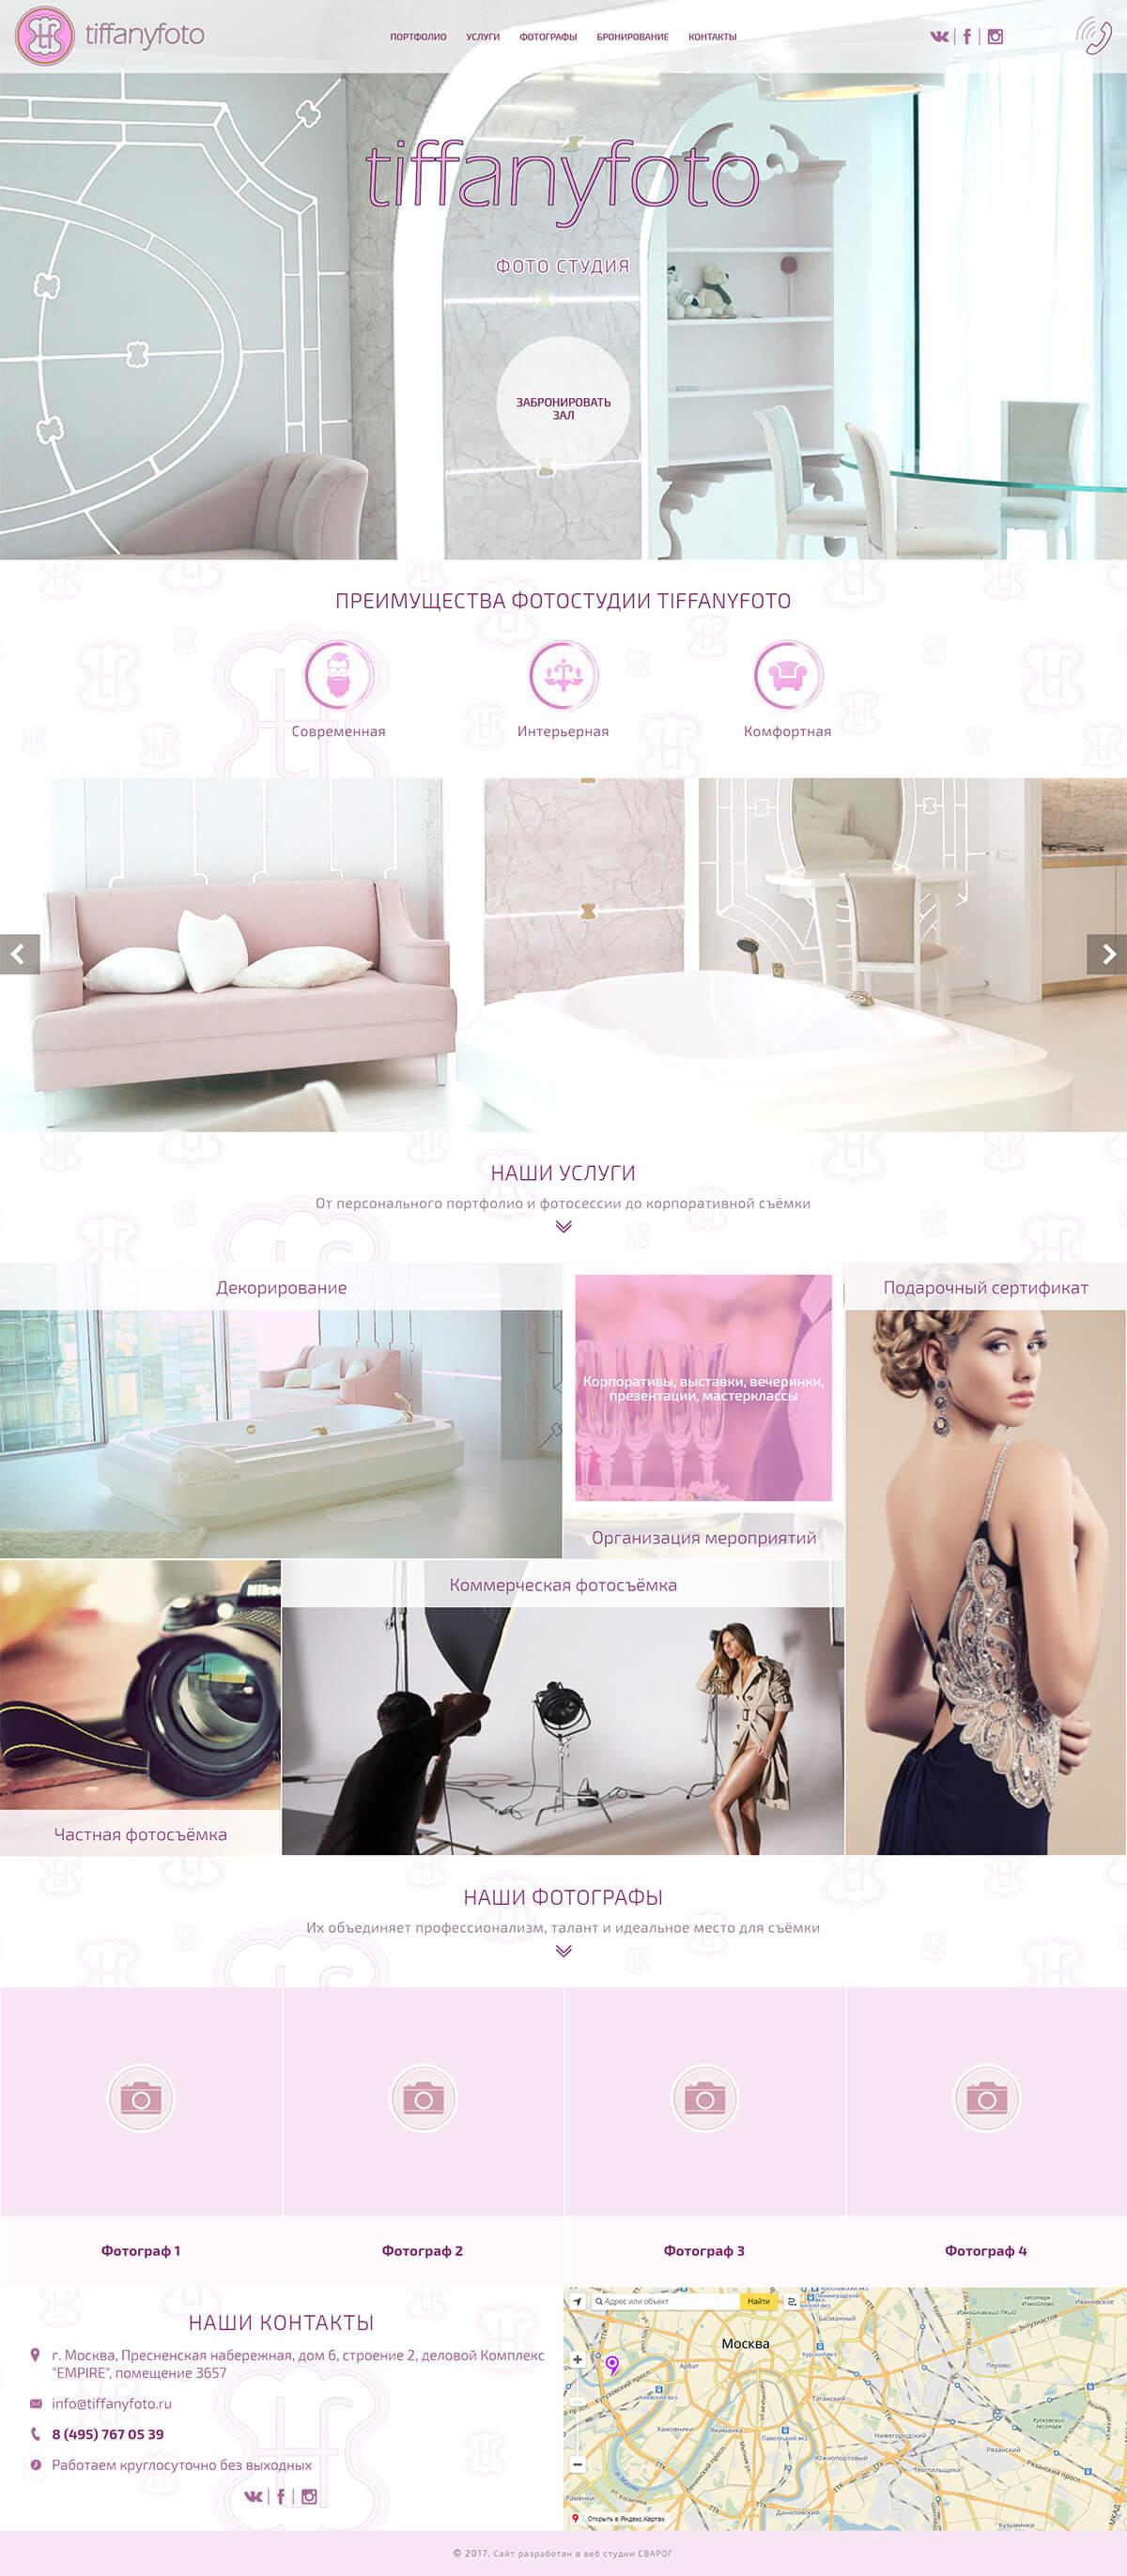 Главная страница сайта фото-студии 'Tiffanyfoto'